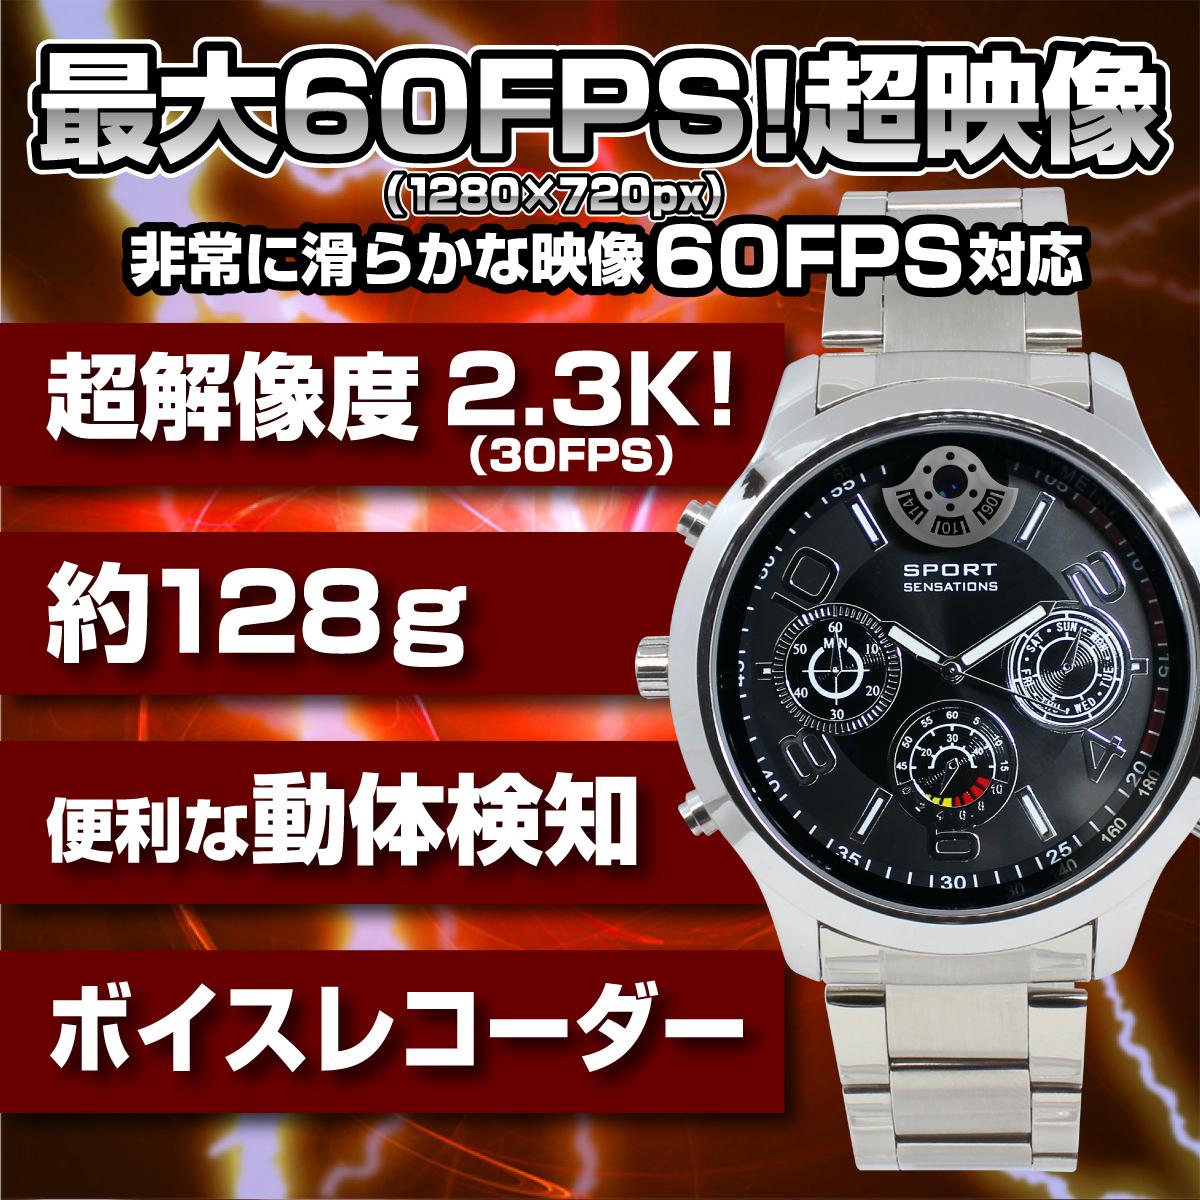 【小型カメラ】(匠ブランド)腕時計型カメラ 「Wronger」(ロンガー)